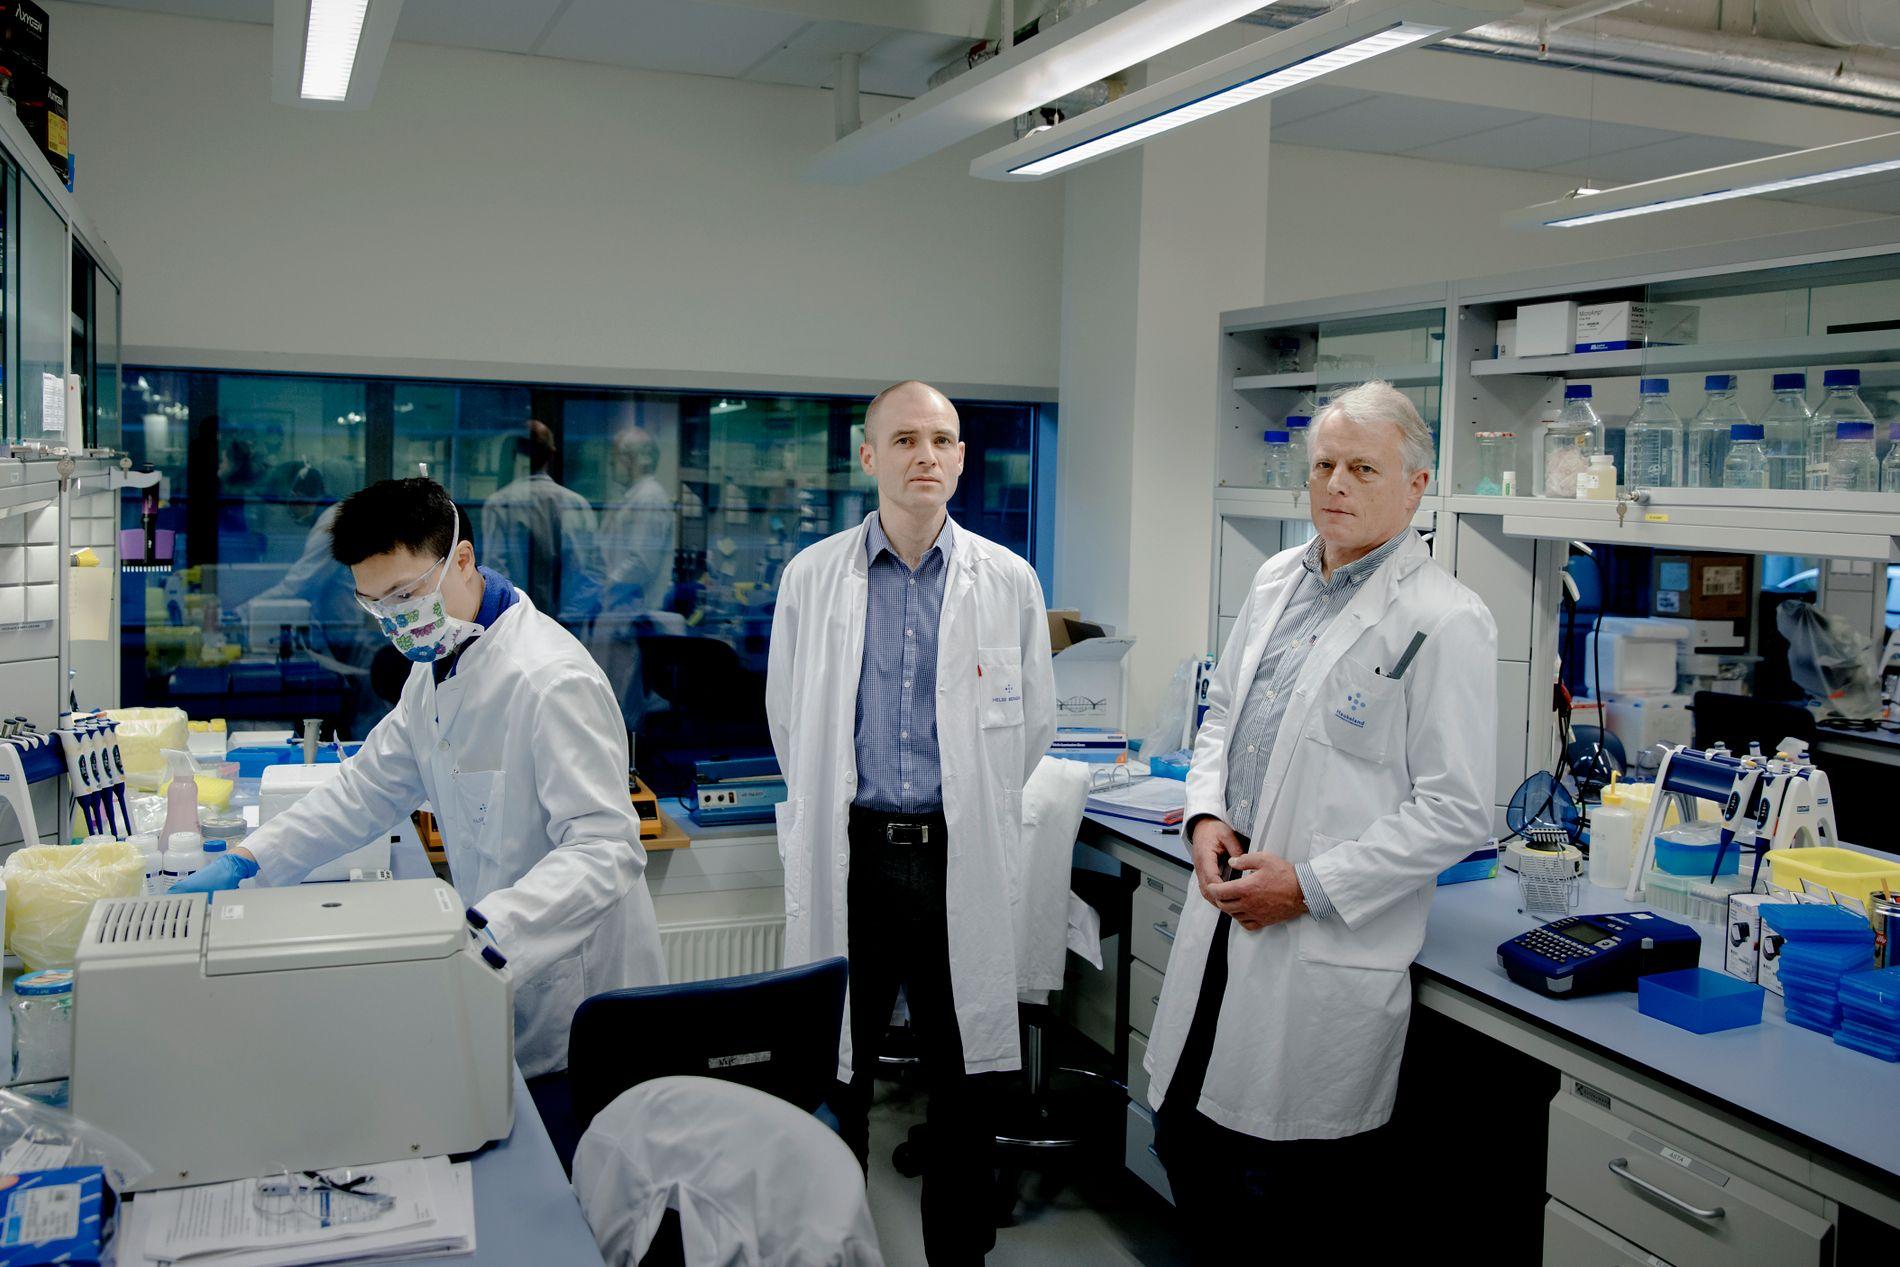 SPENNENDE FUNN: Resultatet av norsk kreftforskning publiseres i et av USAs mest anerkjente medisinske tidsskrifter denne uken. Stian Knappskog (til venstre) og Per Eystein Lønning er pådriverne bak den nye studien. Her er de på forskningslaboratoriet på Haukeland.